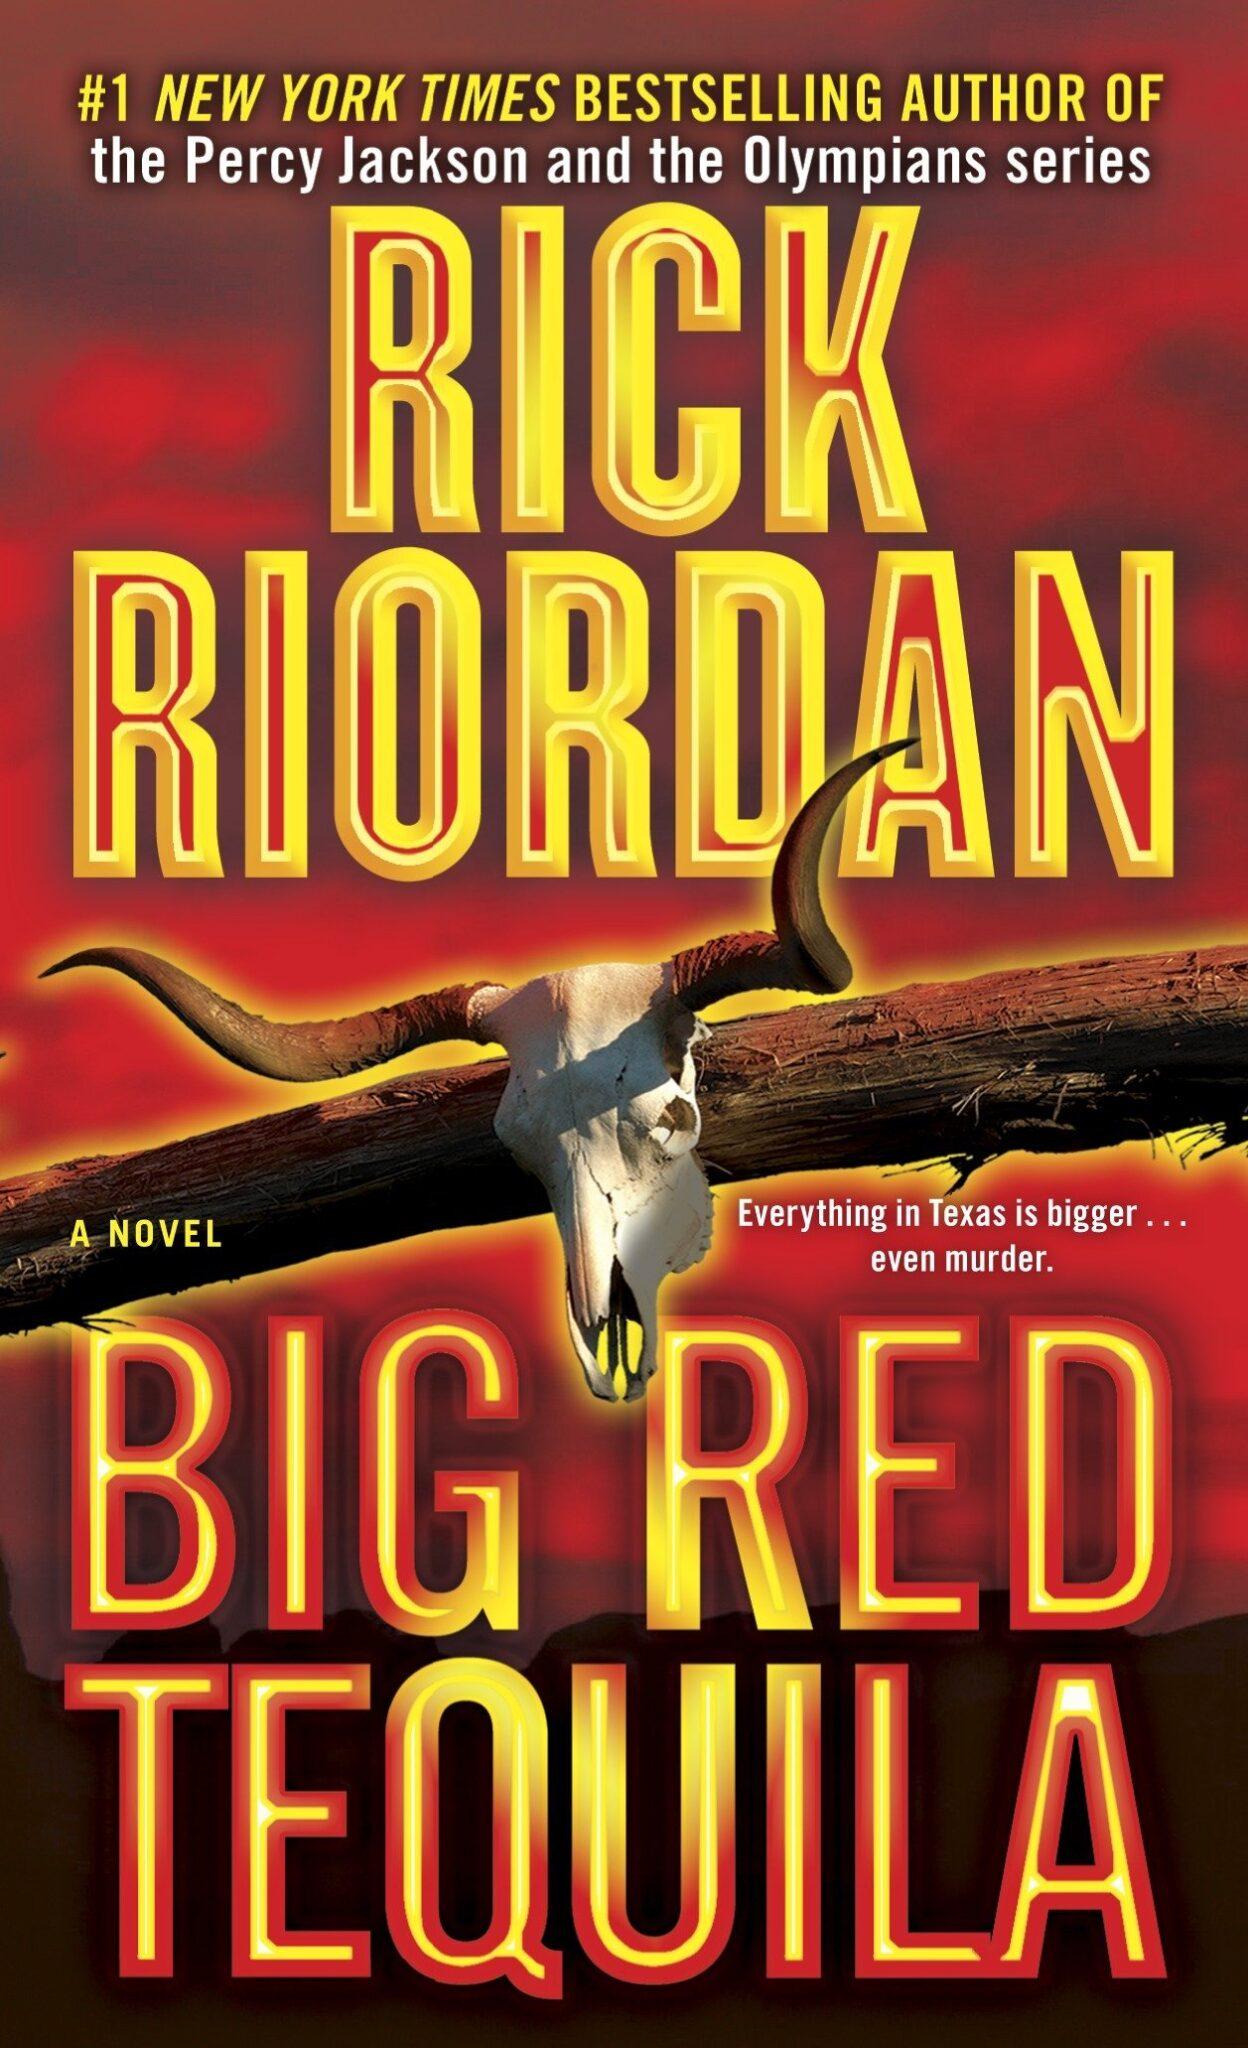 Rick Riordan books 1